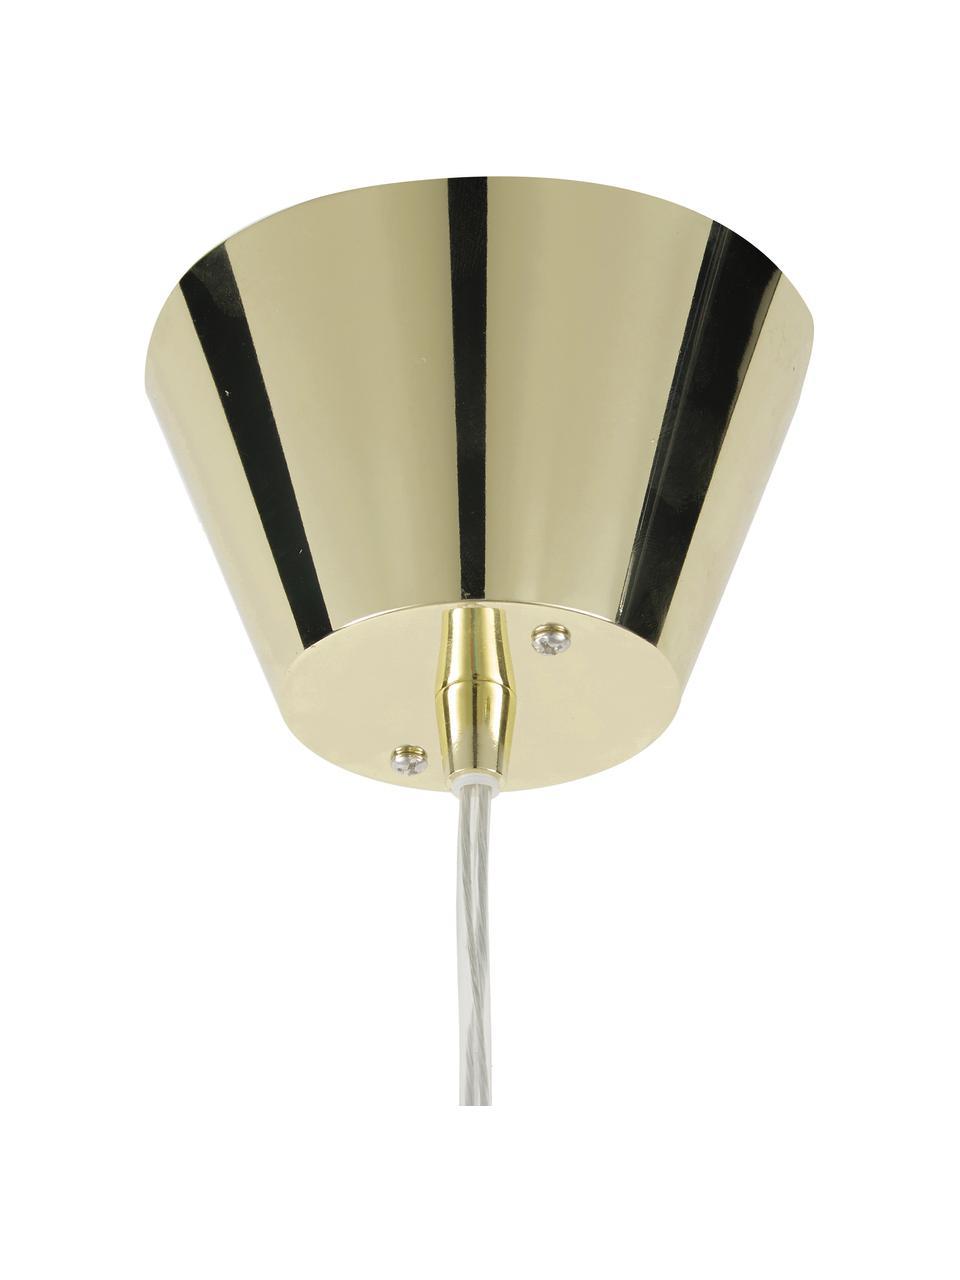 Lampada a sospensione di design Gatsby, Paralume: metallo, Baldacchino: metallo, Ottone, Ø 18 x Alt. 22 cm